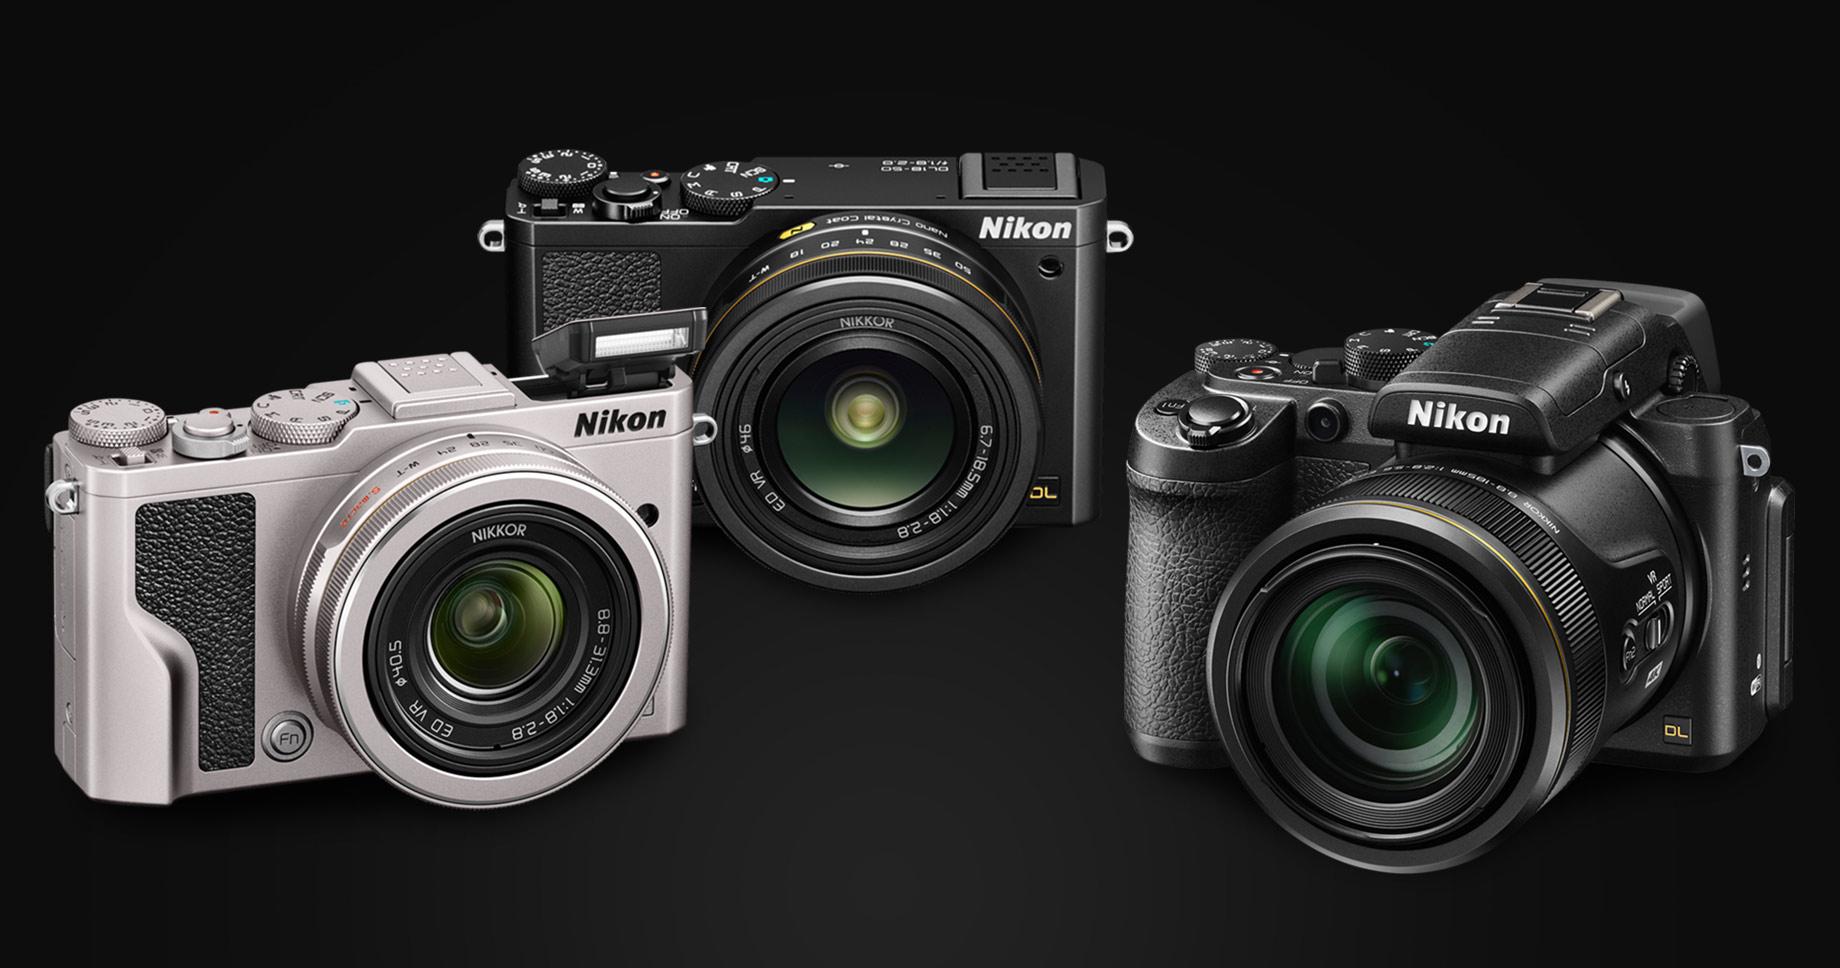 5 เทคนิคการถ่ายภาพสื่อความรู้สึกอย่างง่ายๆ จาก Nikon